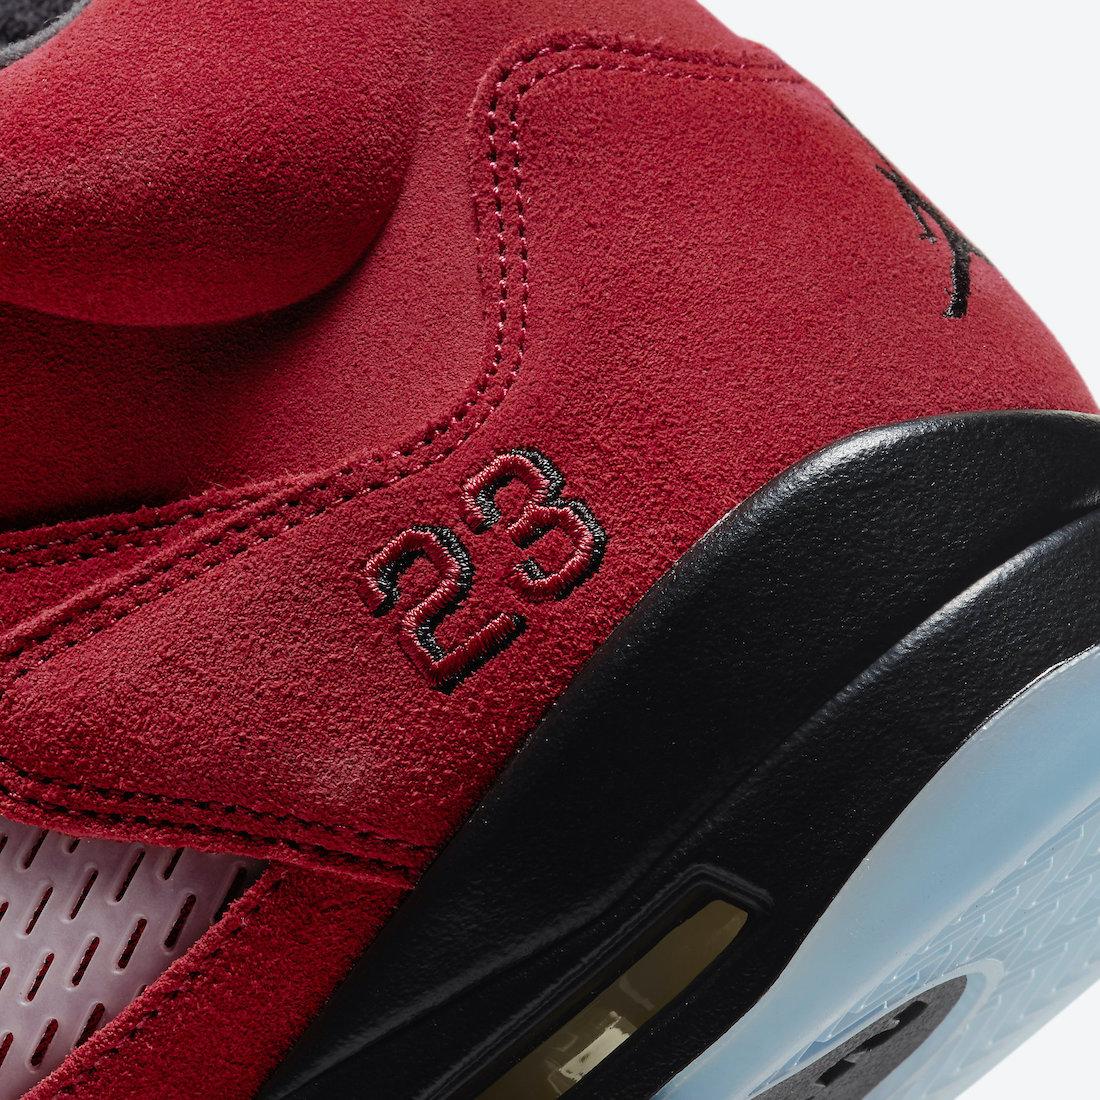 Air-Jordan-5-Raging-Bulls-DD0587-600-Release-Date-7